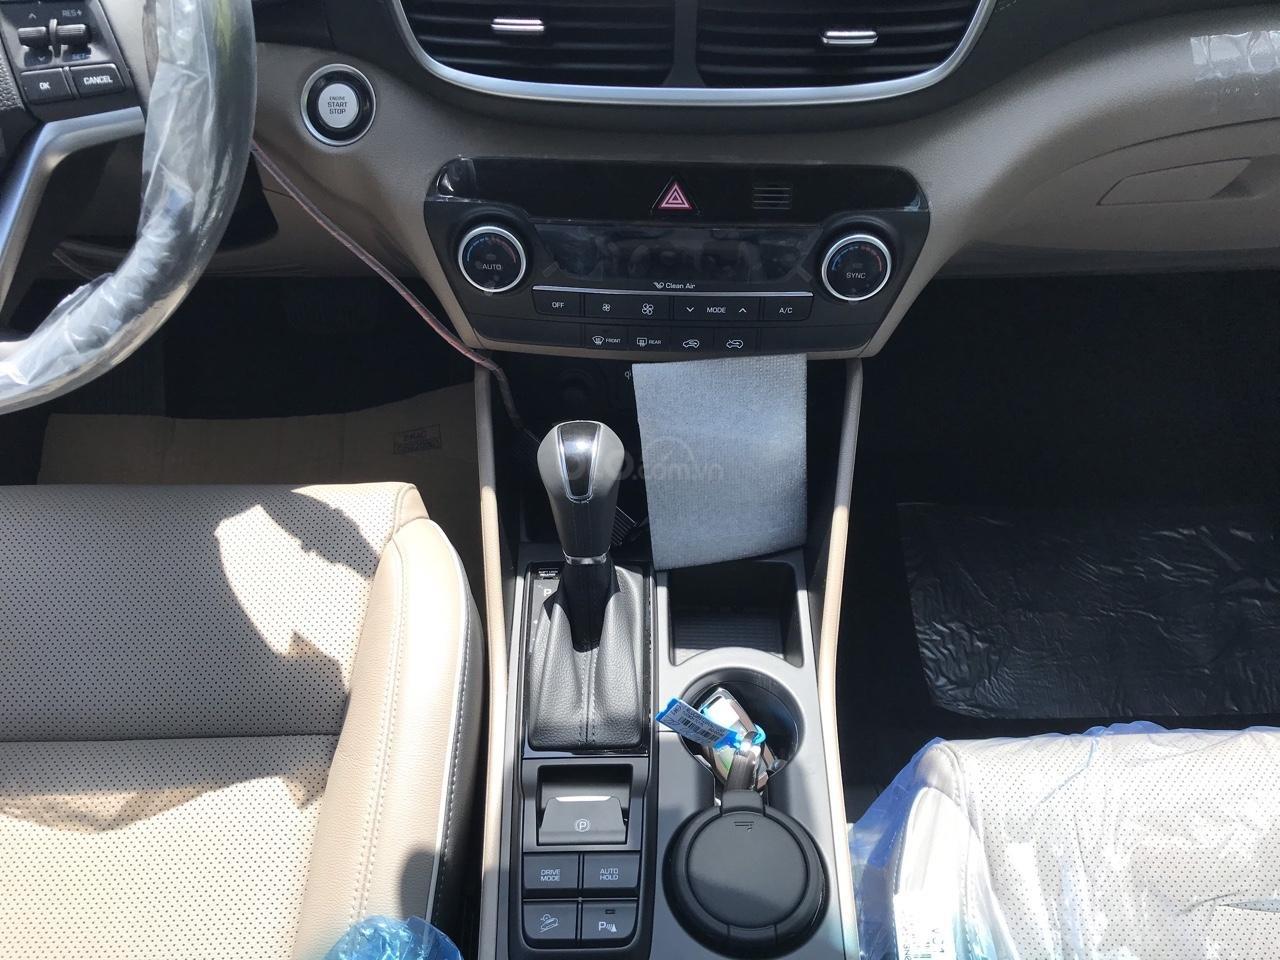 Bán Hyundai Tucson full xăng đỏ giao ngay nhận xe ngay chỉ với 200tr, LH: 0977 139 312 (2)